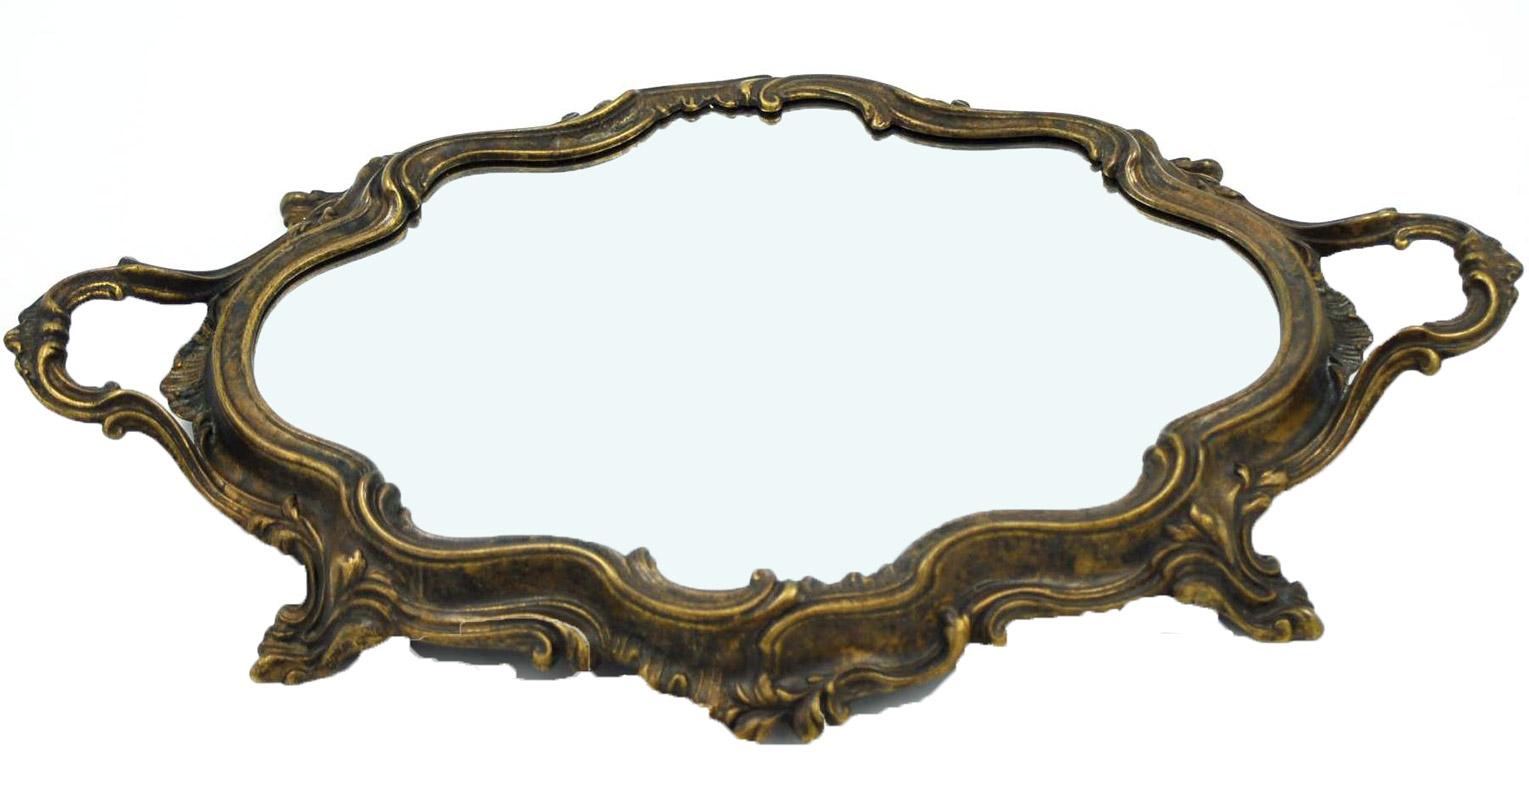 Δίσκος Σερβιρίσματος Με Καθρέπτη Μπρούτζινος Royal Art 48×30εκ. STL1172BR (Υλικό: Μπρούτζινο) – Royal Art Collection – STL1172BR